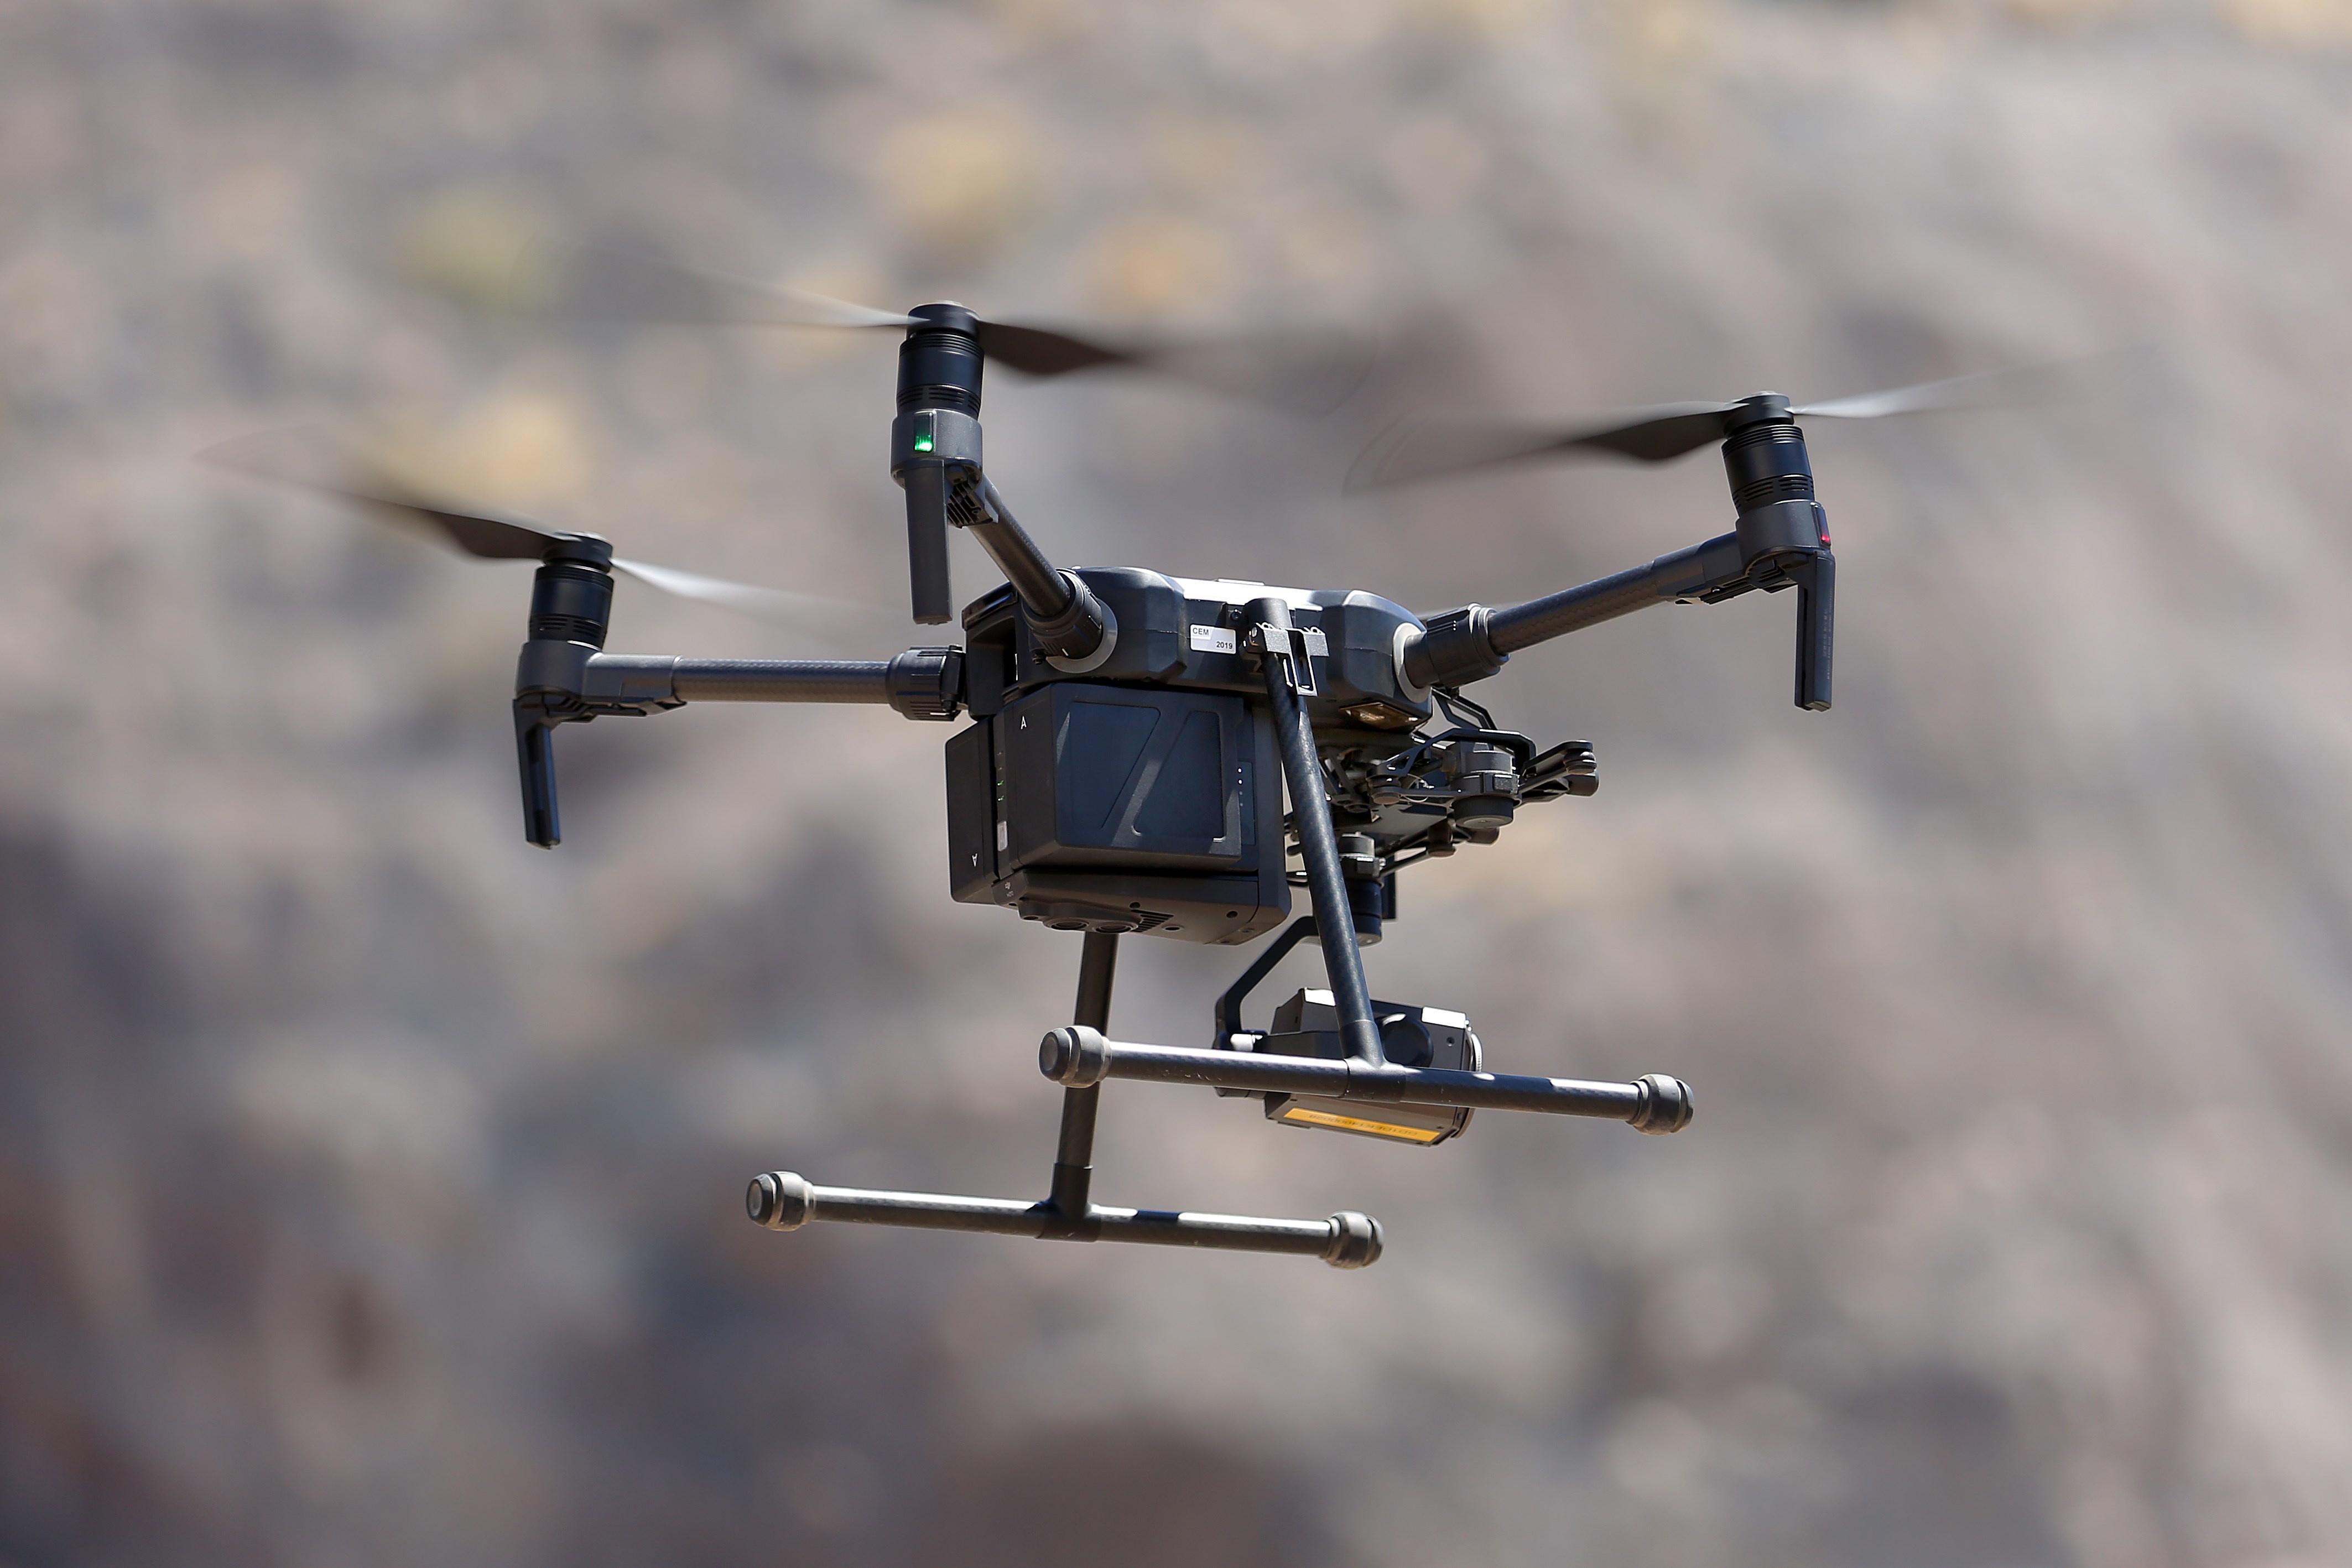 Βαγδάτη: Η αμερικανική πρεσβεία κατέρριψε drone με εκρηκτικά